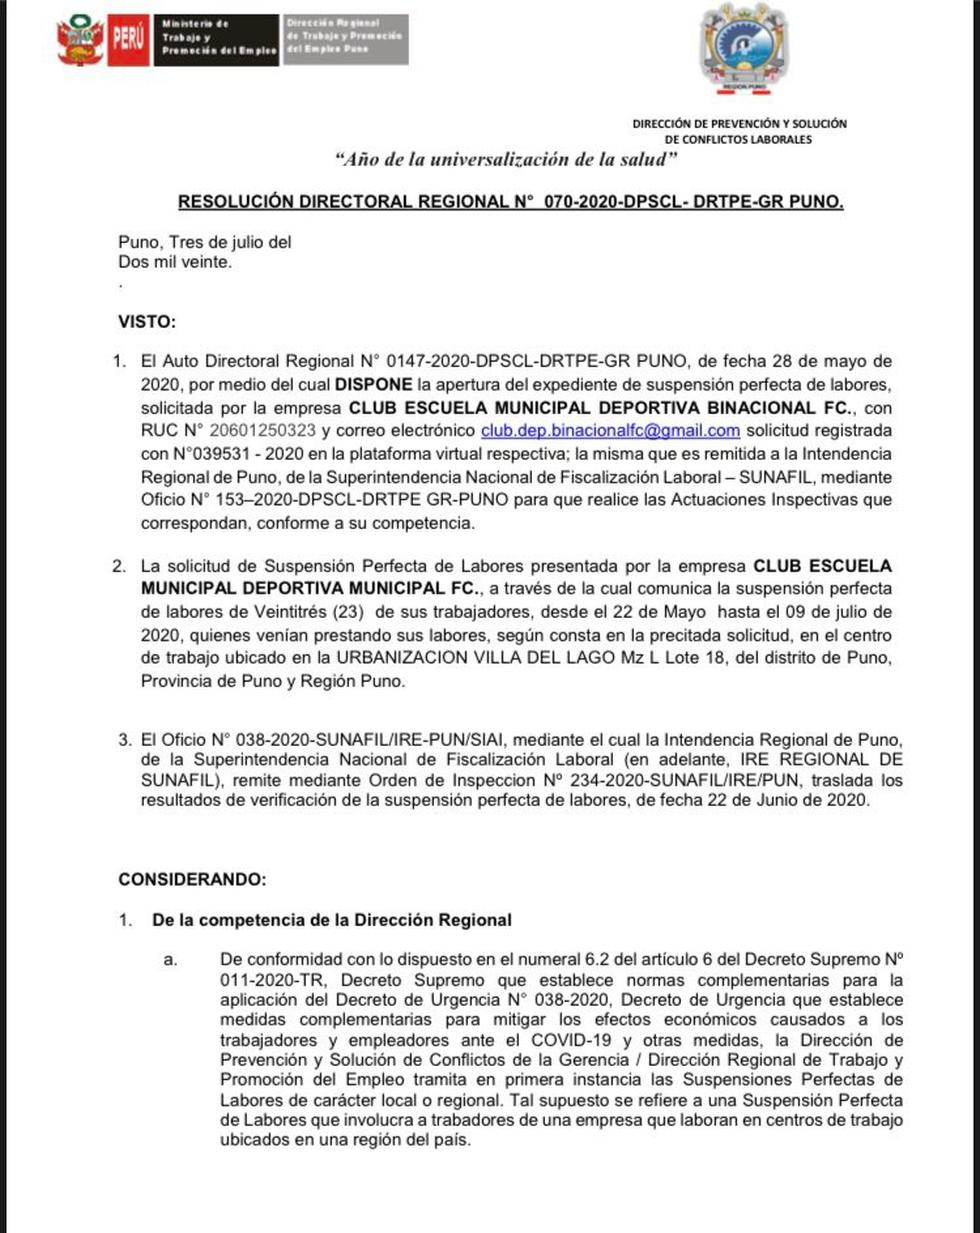 Esta es la resolución del Ministerio de Trabajo.